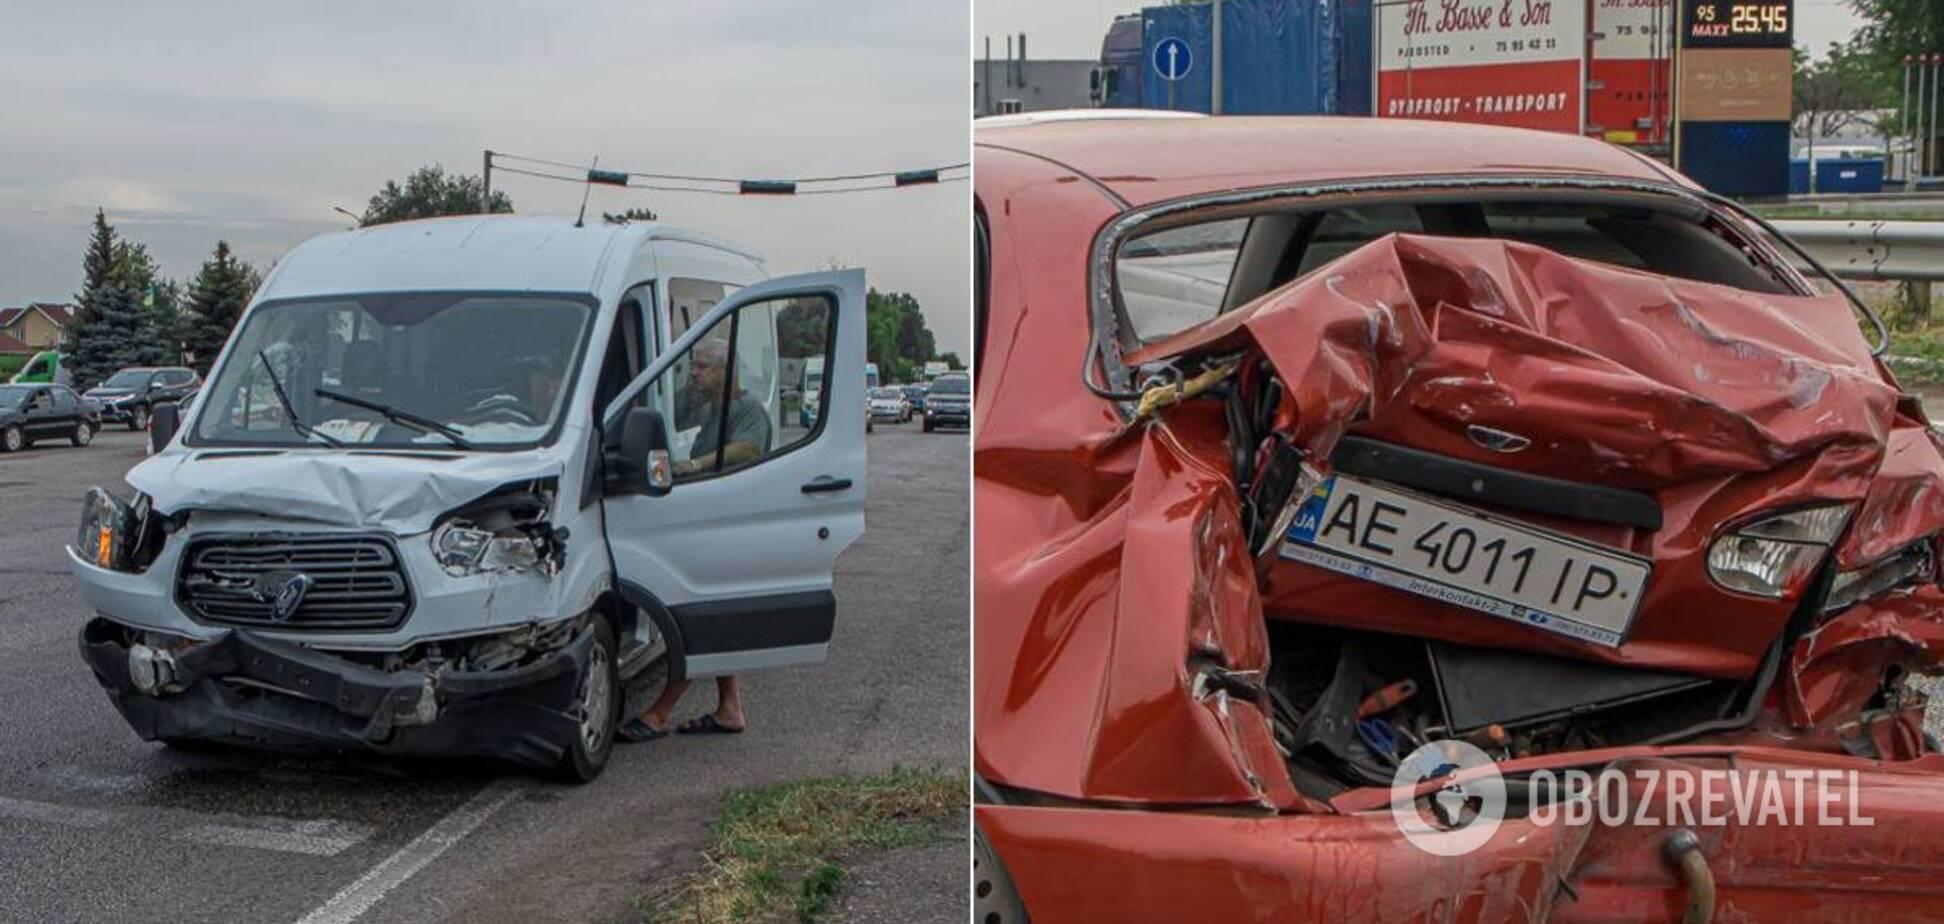 У Дніпрі мікроавтобус протаранив легковика: постраждала дитина та двоє дорослих. Фото